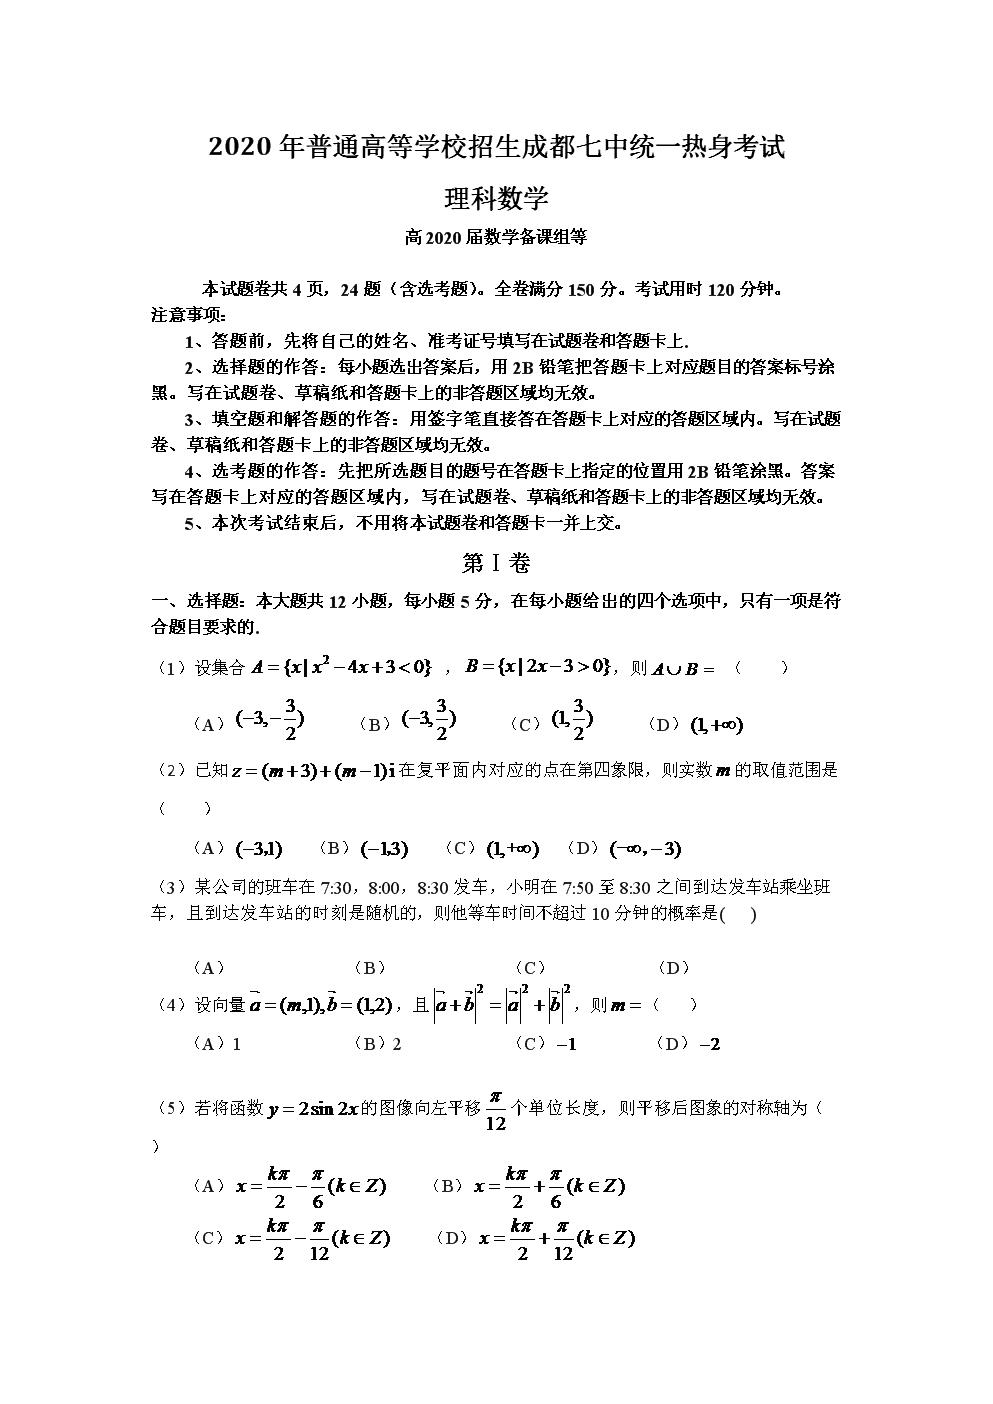 熱身數學考試(理科).doc